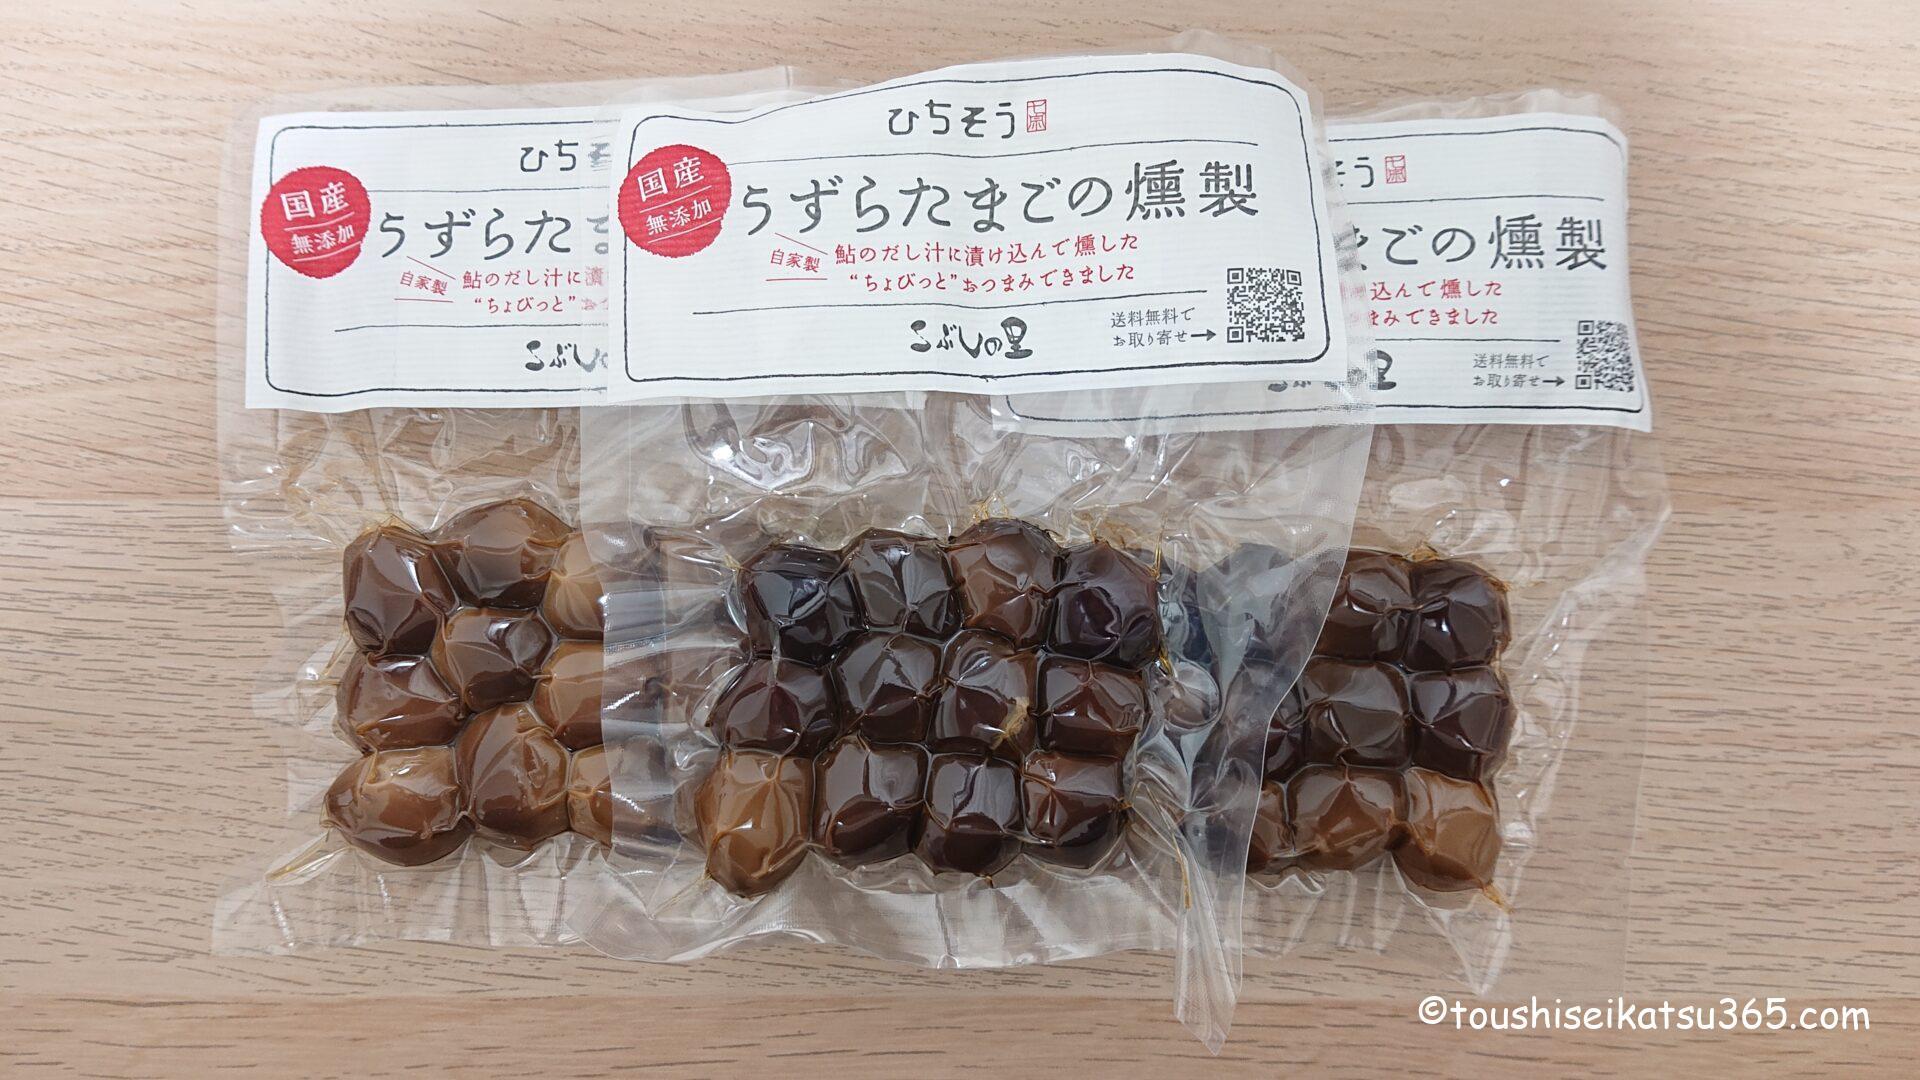 岐阜県七宗町 うずらたまごの燻製